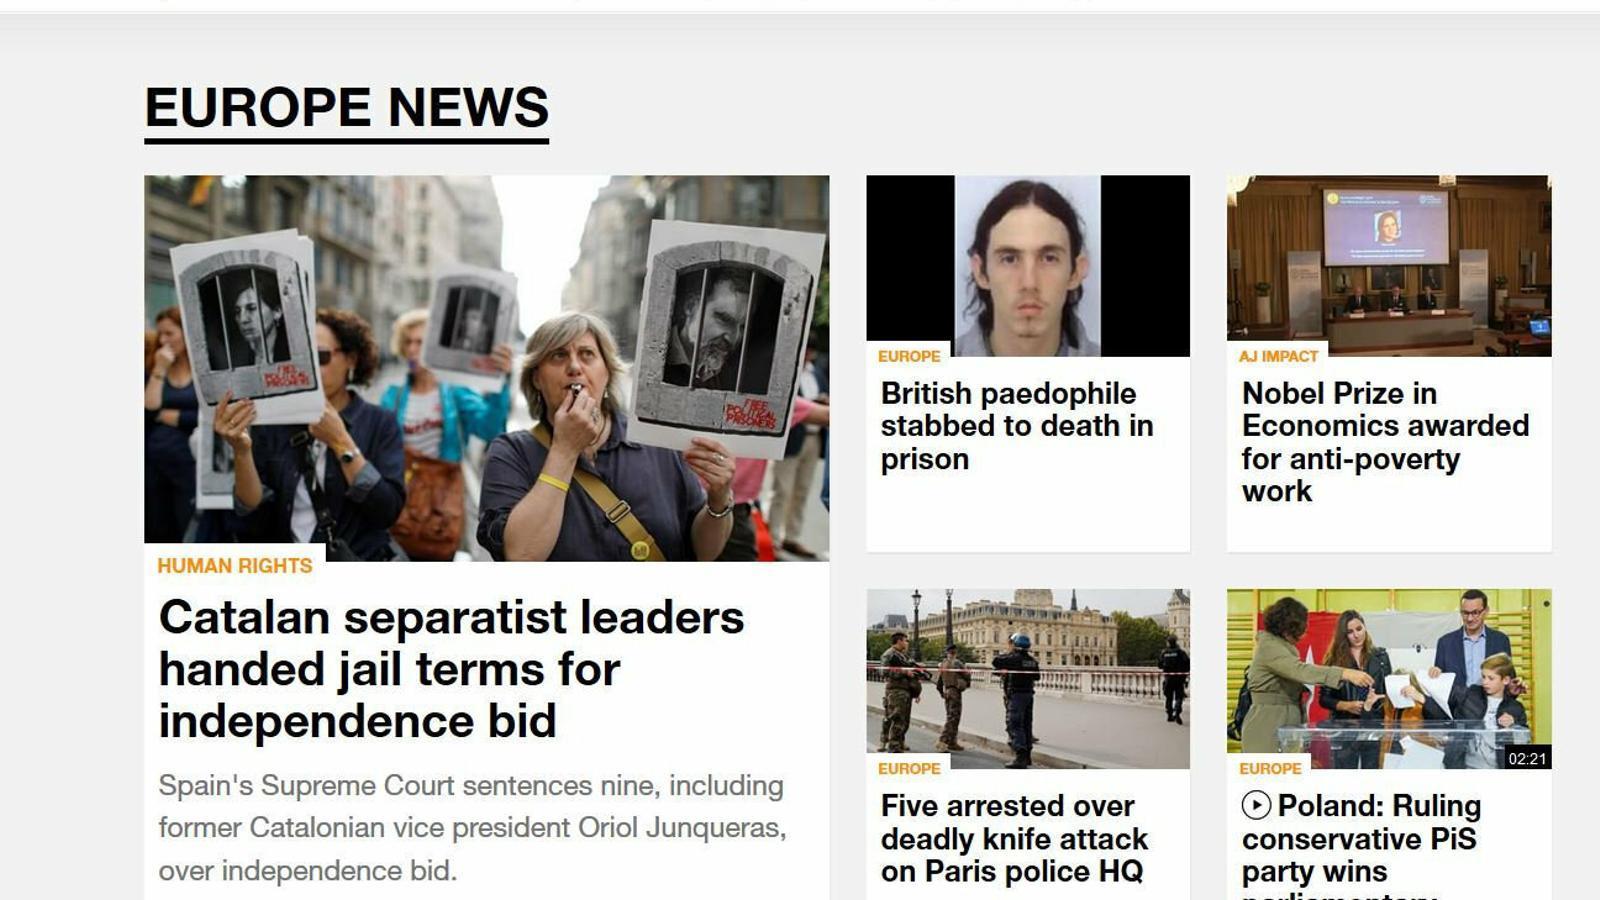 La sentència revifa l'interès de la premsa internacional pel Procés